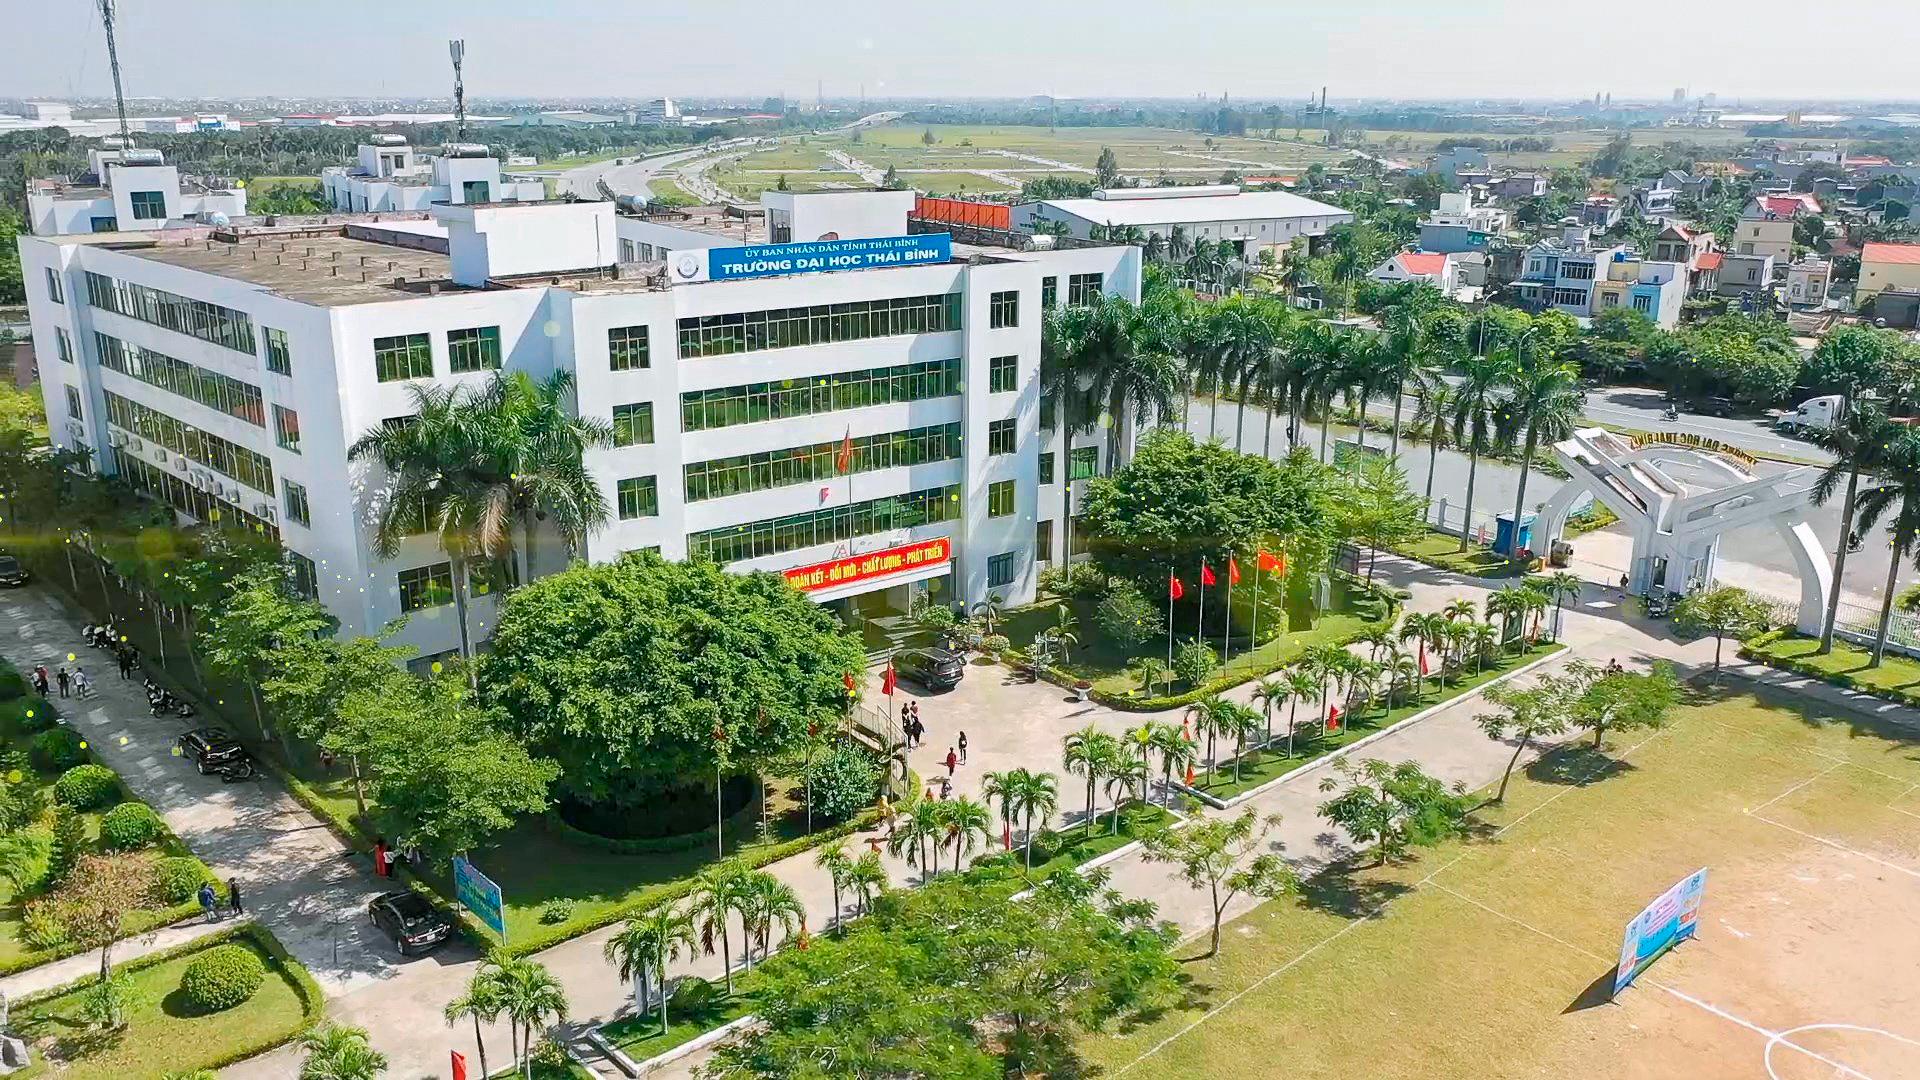 Giới thiệu cuộc thi tìm hiểu lịch sử 60 năm xây dựng và phát triển trường Đại học Thái Bình